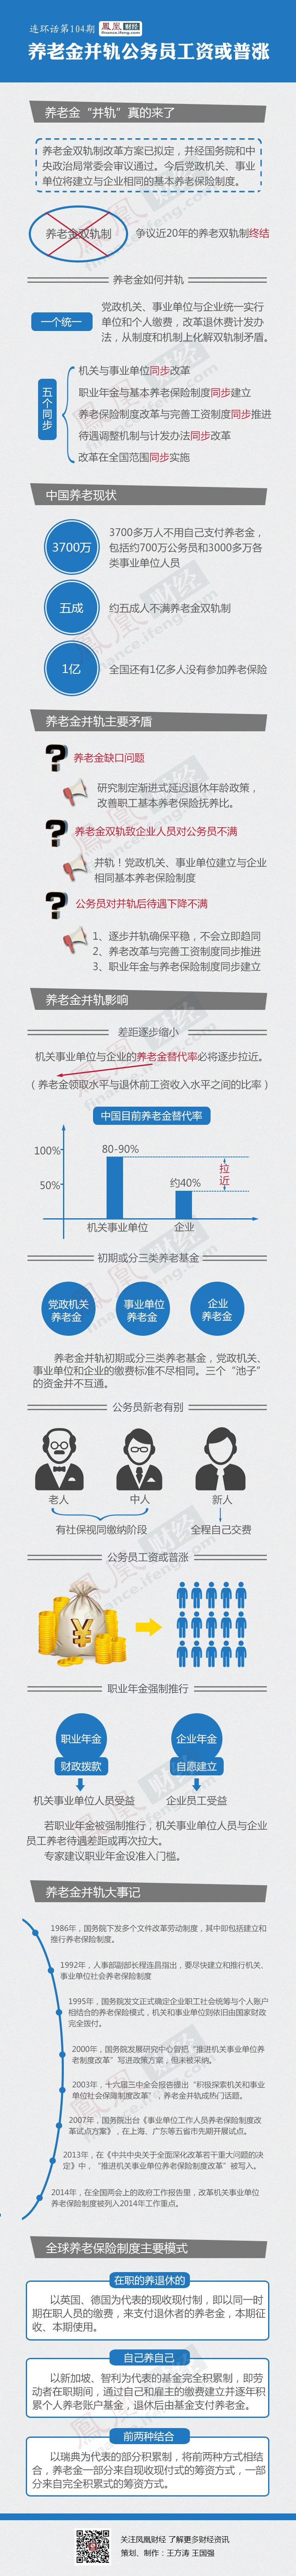 一张图看清养老金并轨 一因素或致差距再拉大 - zhaozhao - zhaozhao的博客